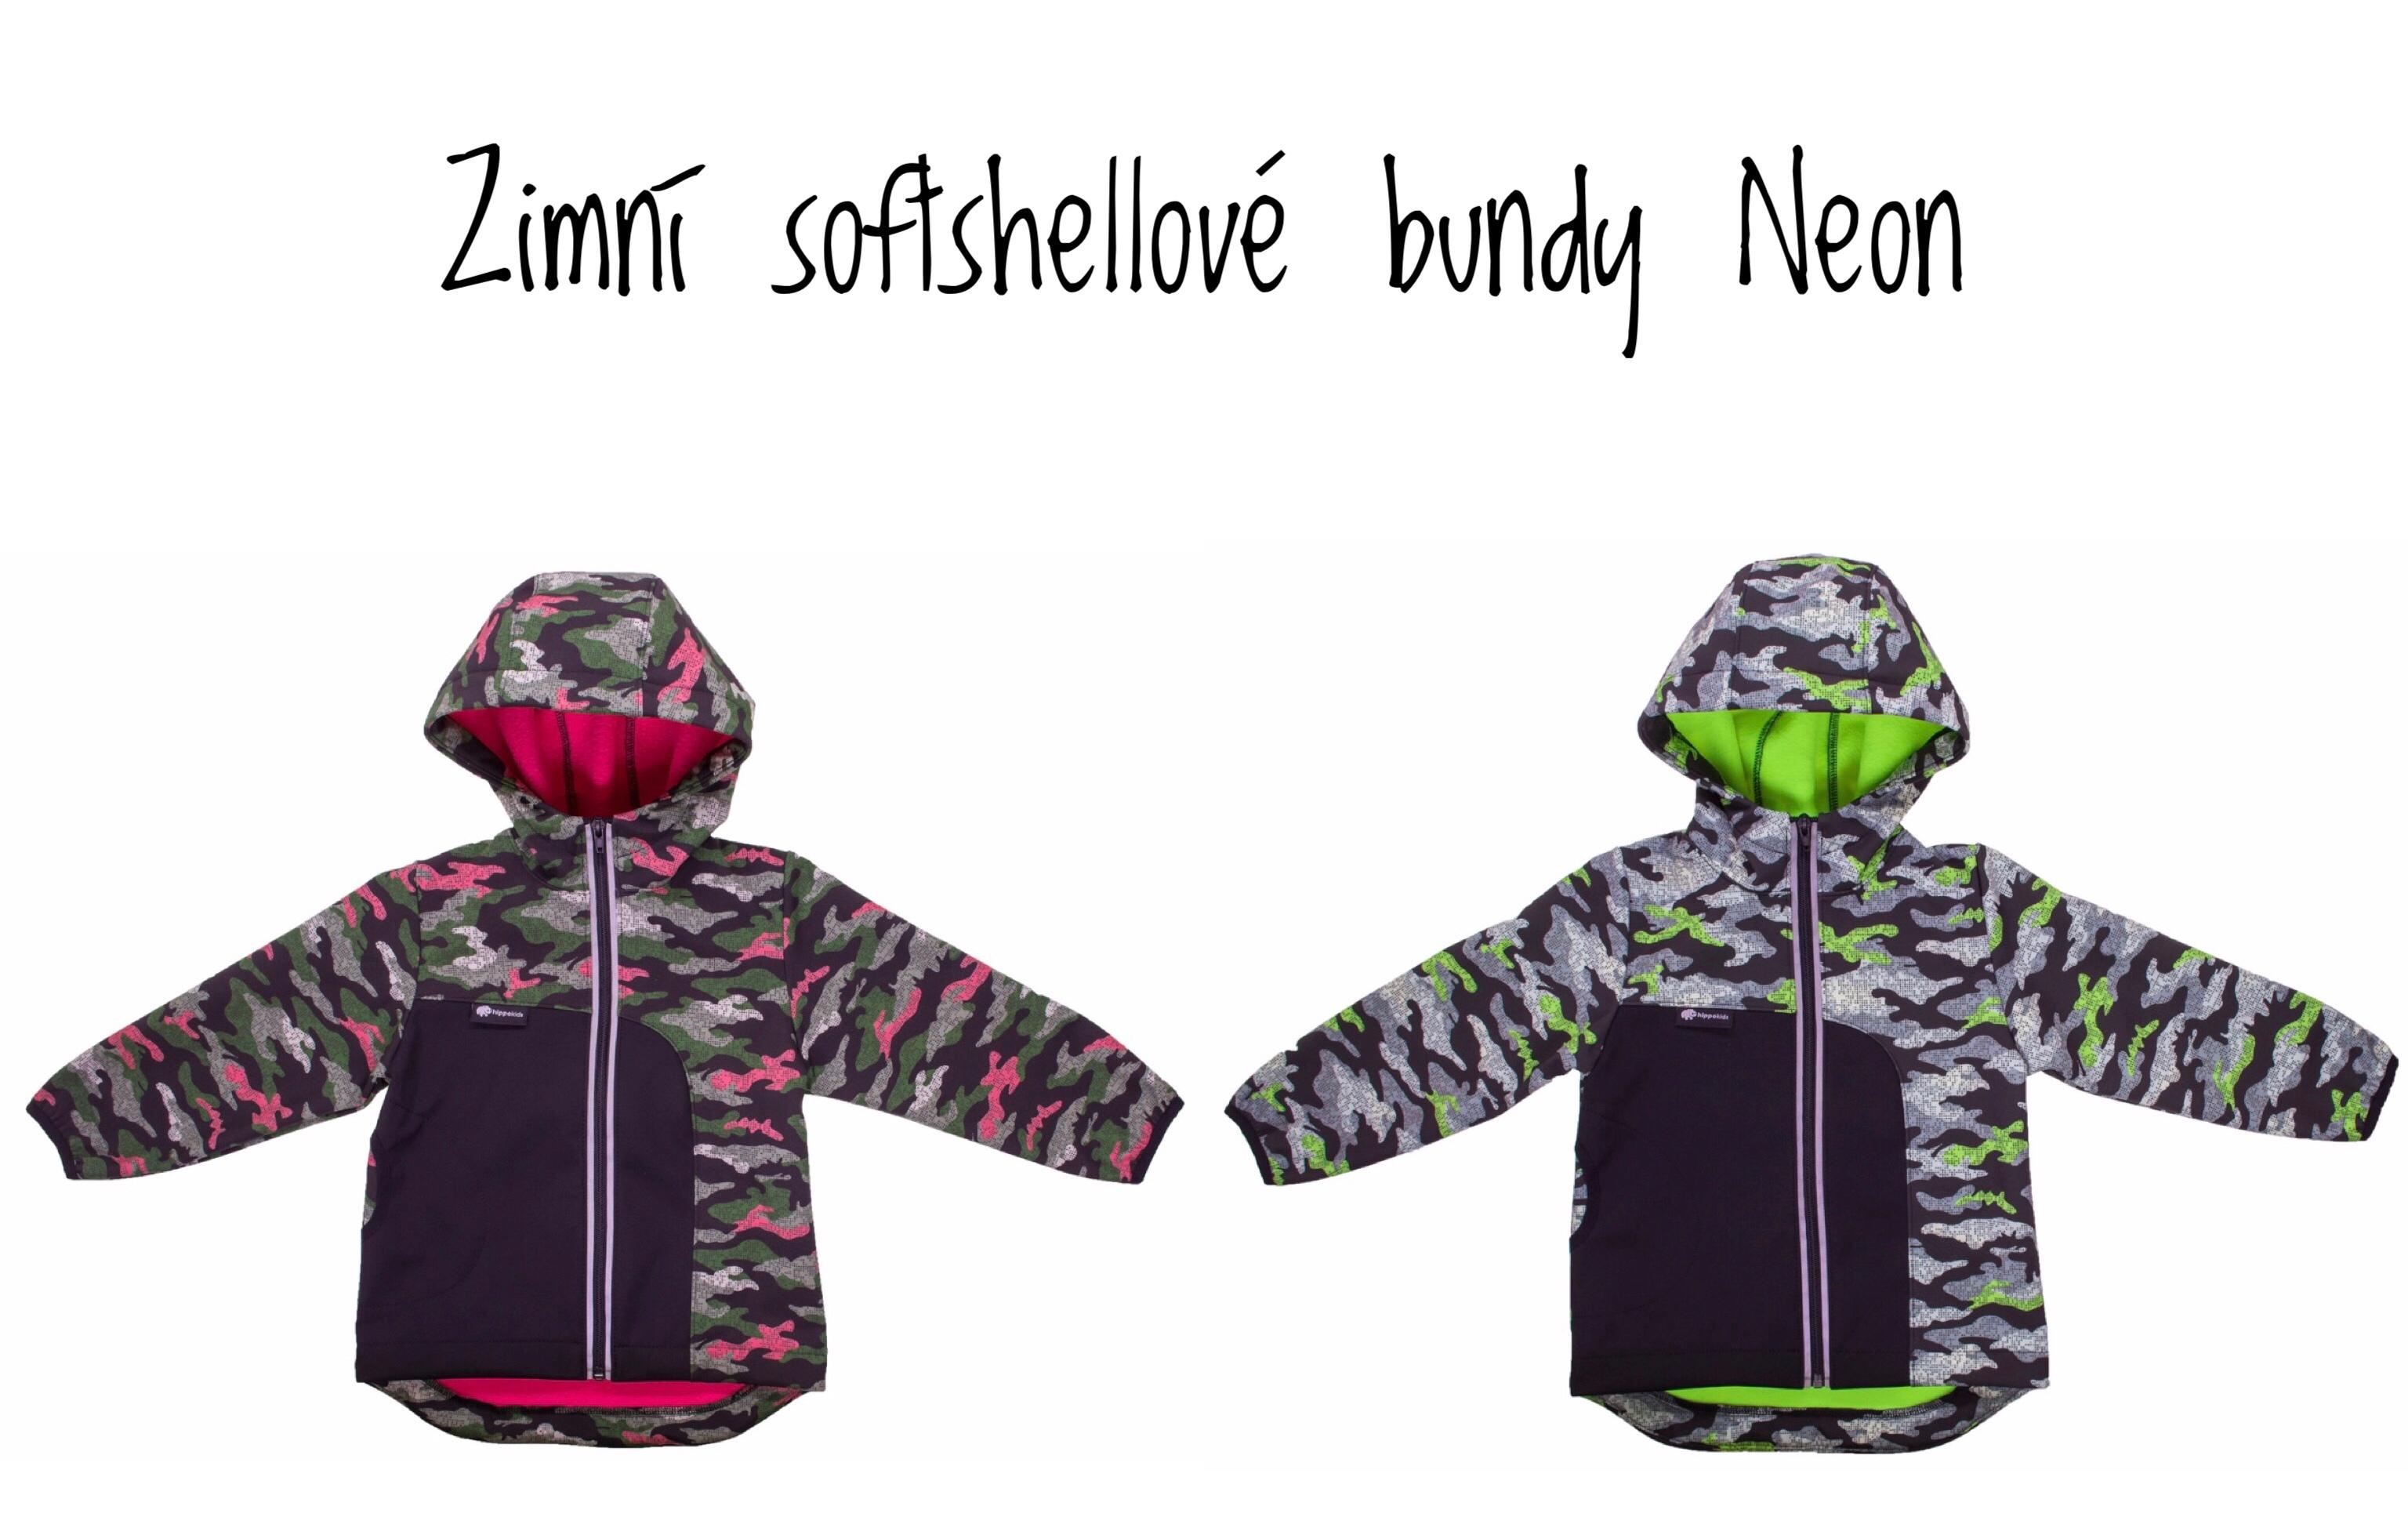 Zimní softshellové bundy Neon